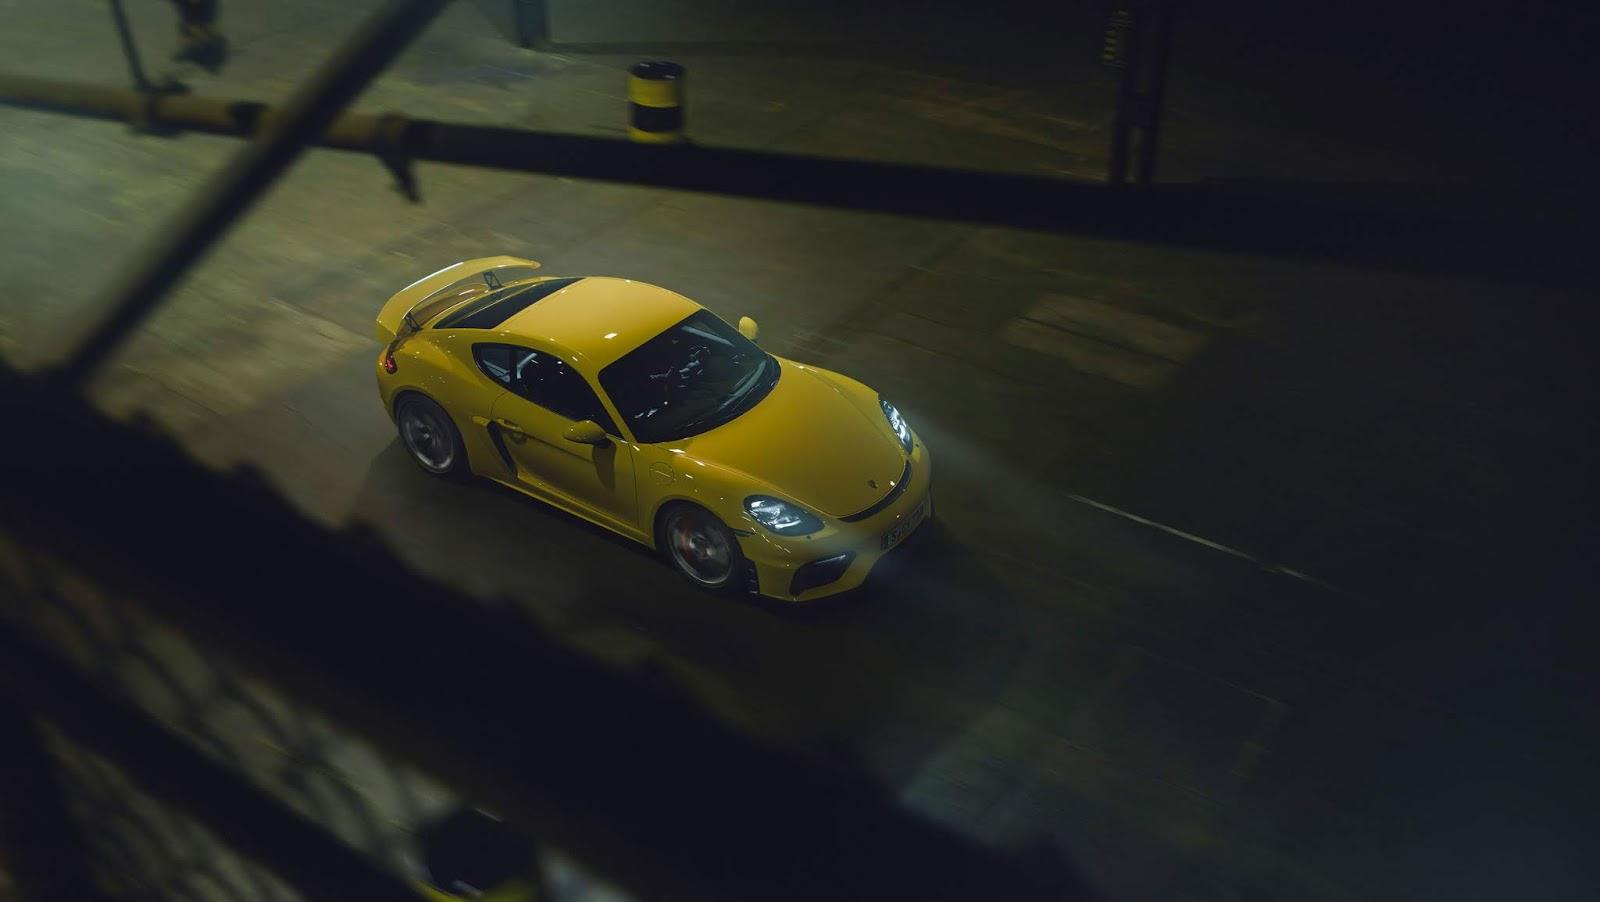 375094 718 cayman gt4 2019 porsche ag Δύο εκπληκτικά νέα driver's cars απο τη Porsche Porsche, porsche 718, Porsche 718 Boxster, Porsche 718 Boxster S, porsche 718 cayman, porsche 718 cayman gt4, porsche cayman, porsche cayman s, porsche gt4, Sports, sportscar, zblog